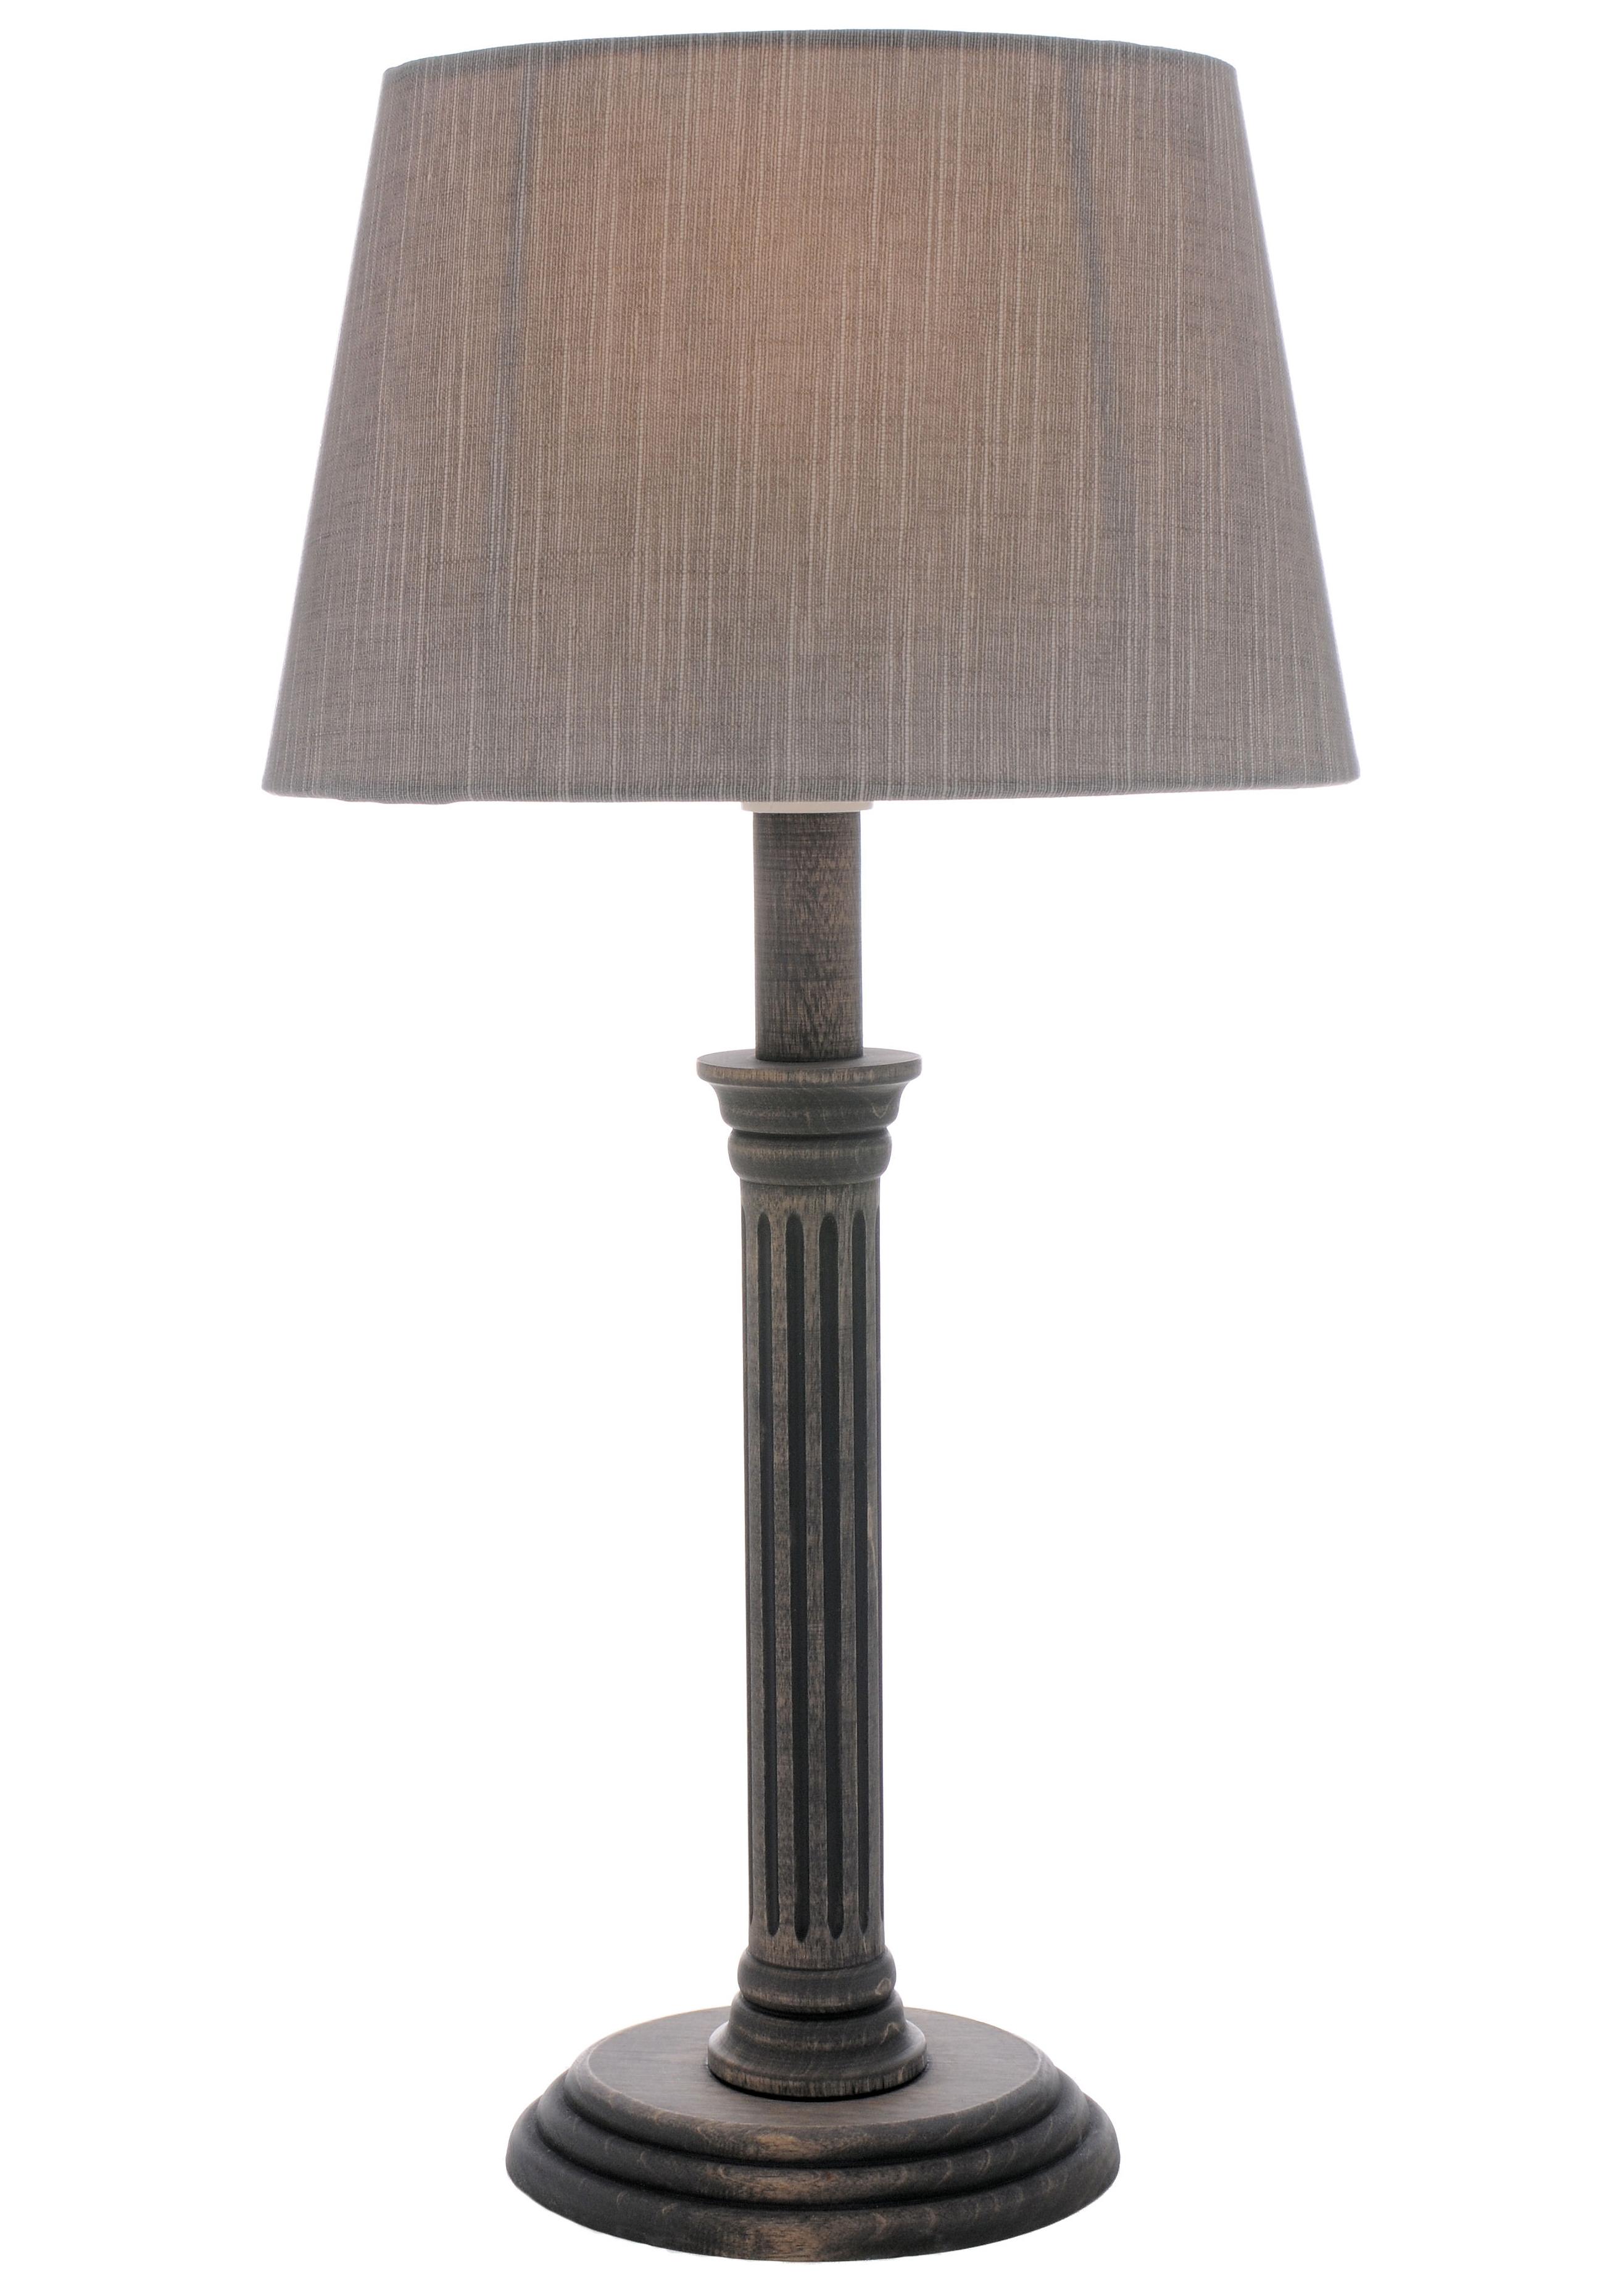 Populair Tafellamp met zilverkleurige stoffen kap bestellen bij | OTTO BI27